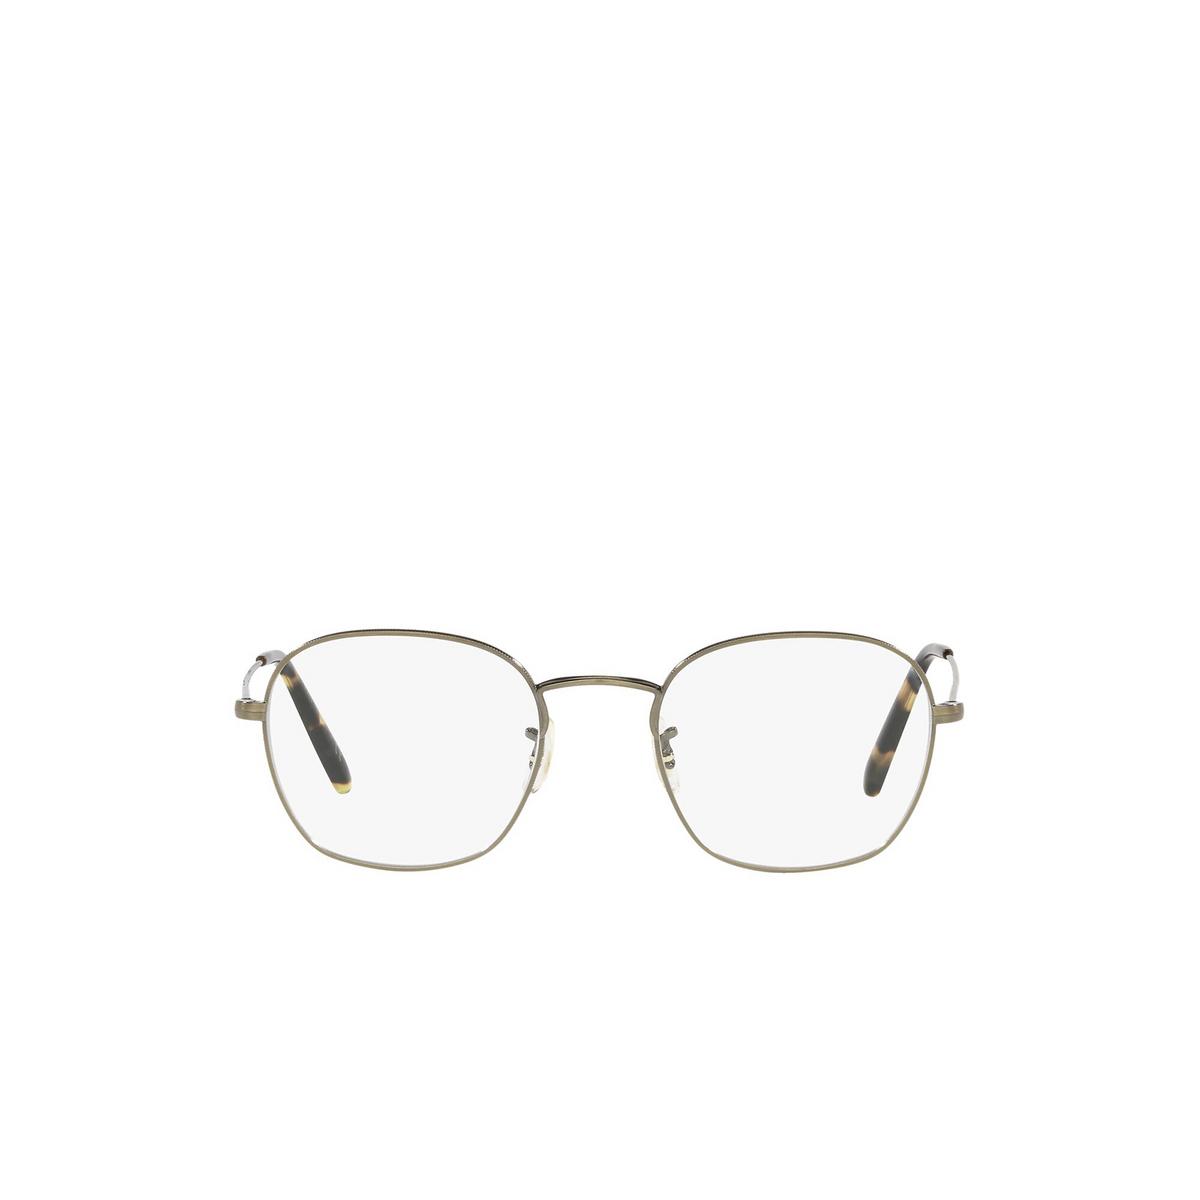 Oliver Peoples® Round Eyeglasses: Allinger OV1284 color Antique Gold 5284 - front view.